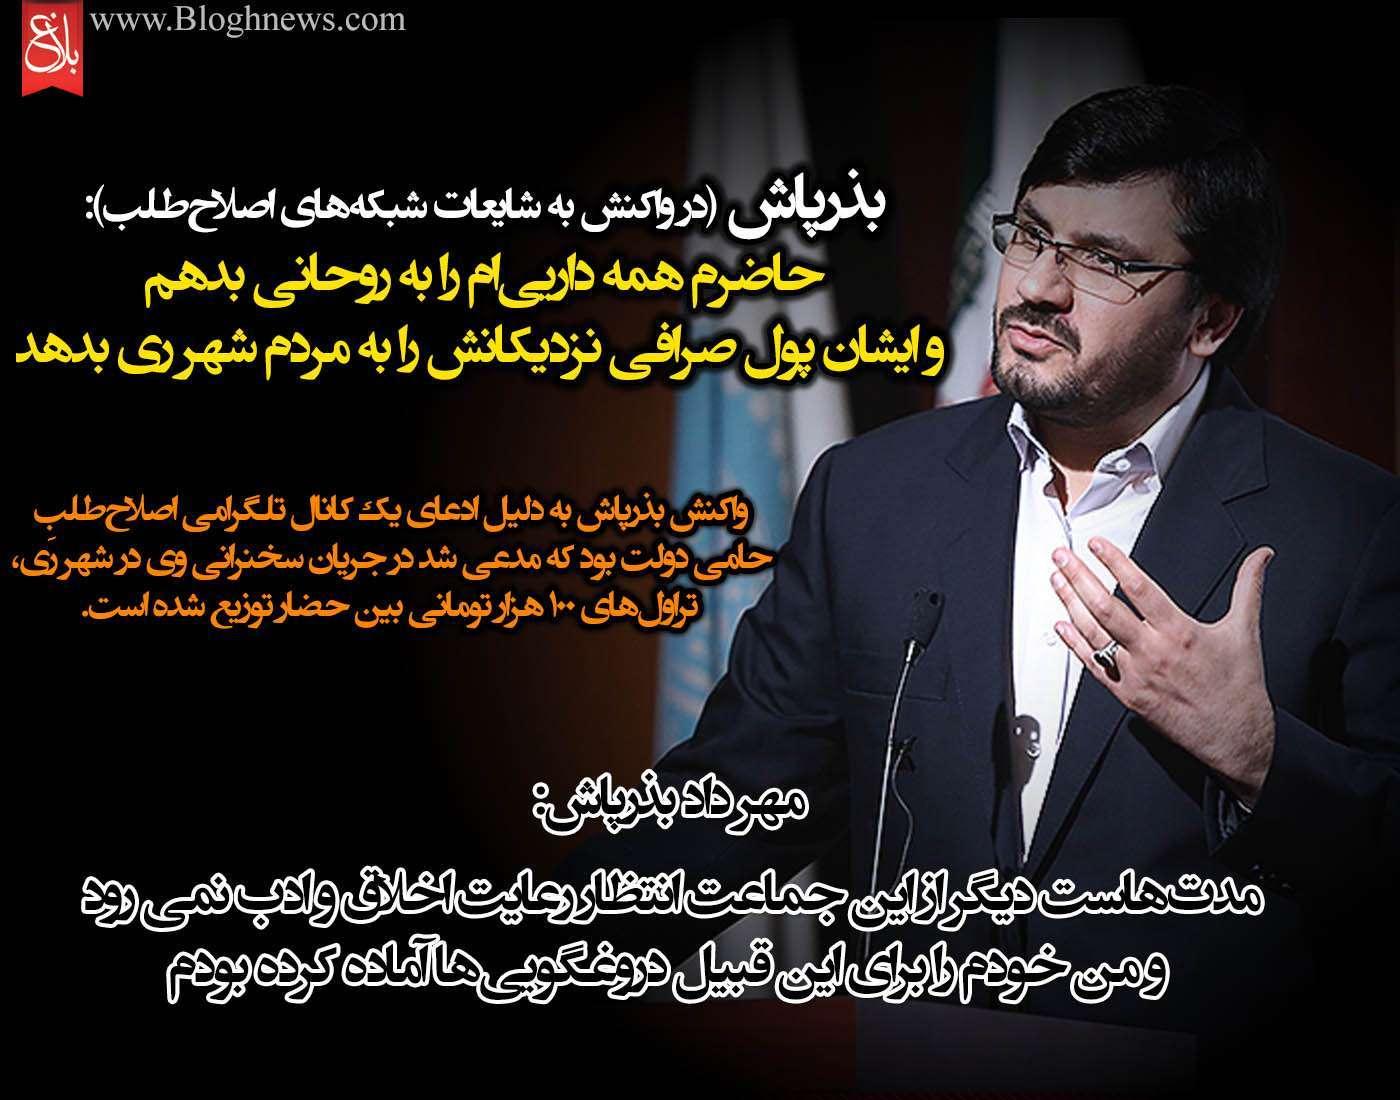 کانال+تلگرام+خبر+مازندران